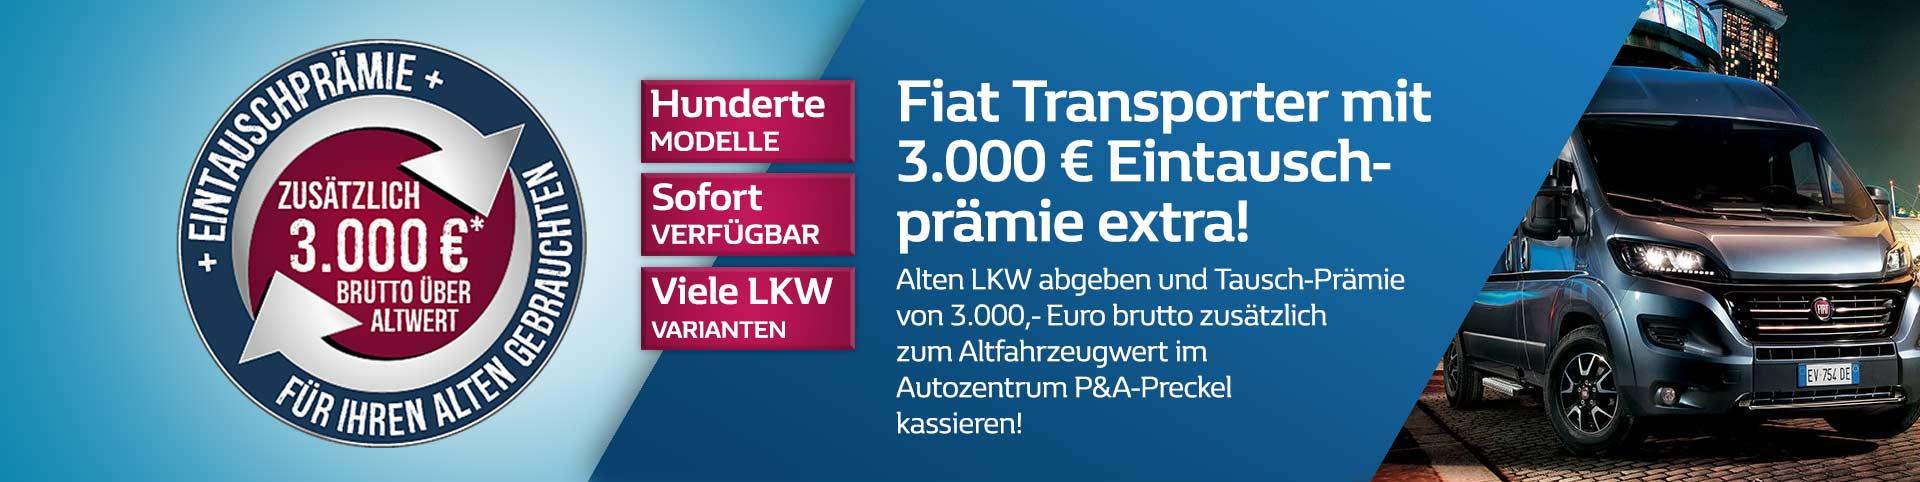 Fiat Transporter Eintauschprämie